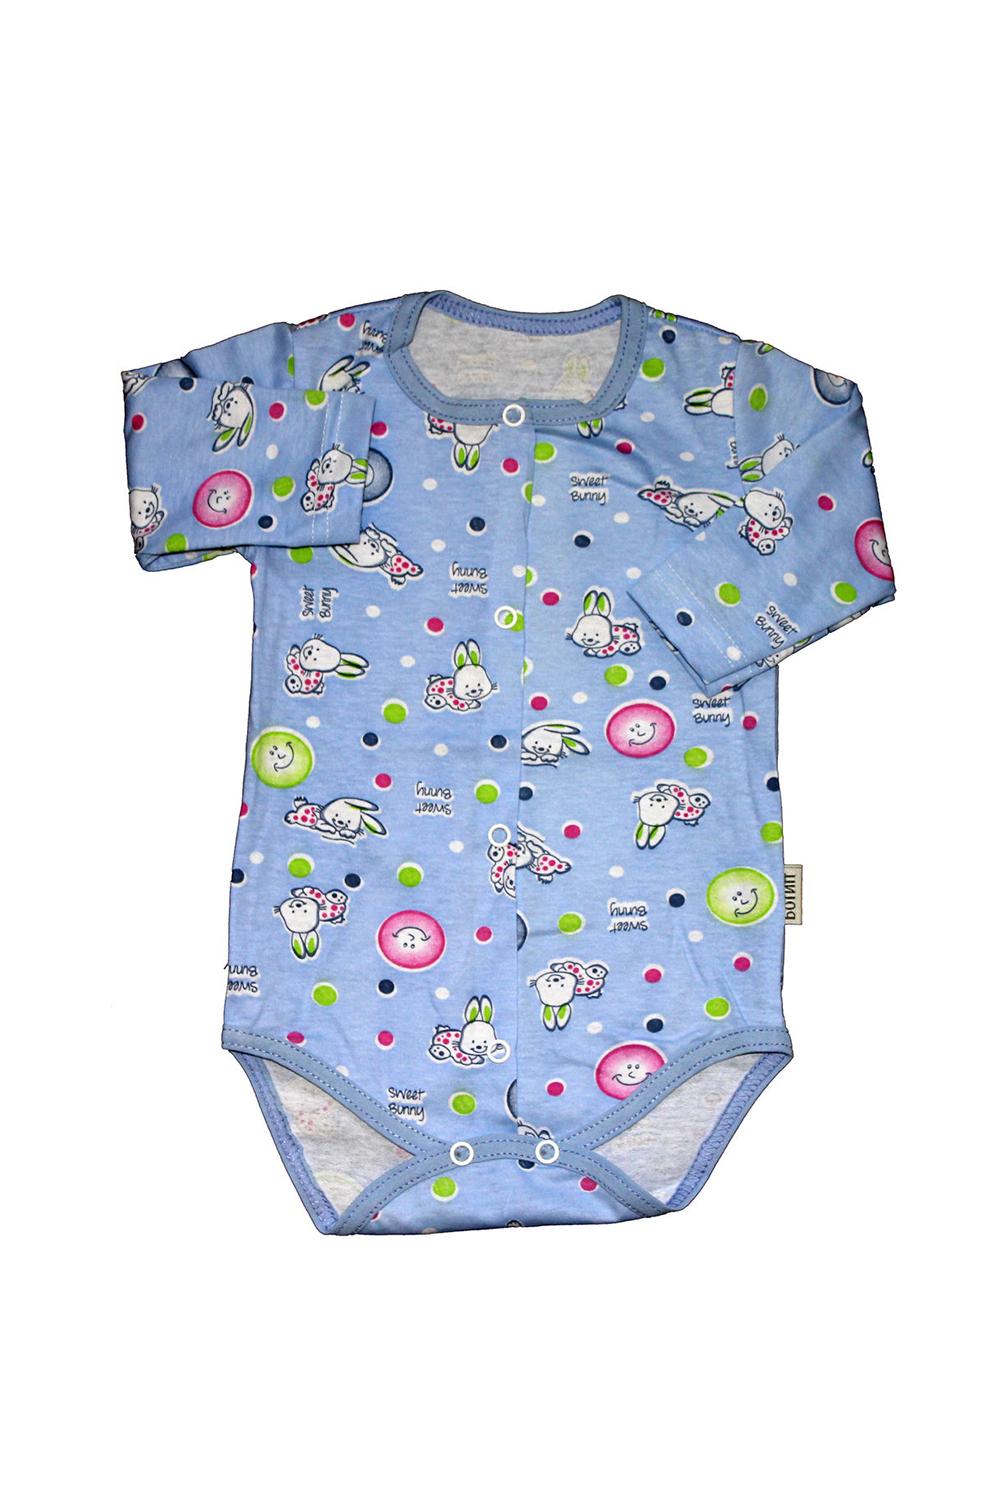 БодиКофточки<br>Хлопковое боди для новорожденного  В изделии использованы цвета: голубой и др.  Размер соответствует росту ребенка.<br><br>По сезону: Всесезон<br>Размер : 62,68<br>Материал: Хлопок<br>Количество в наличии: 2